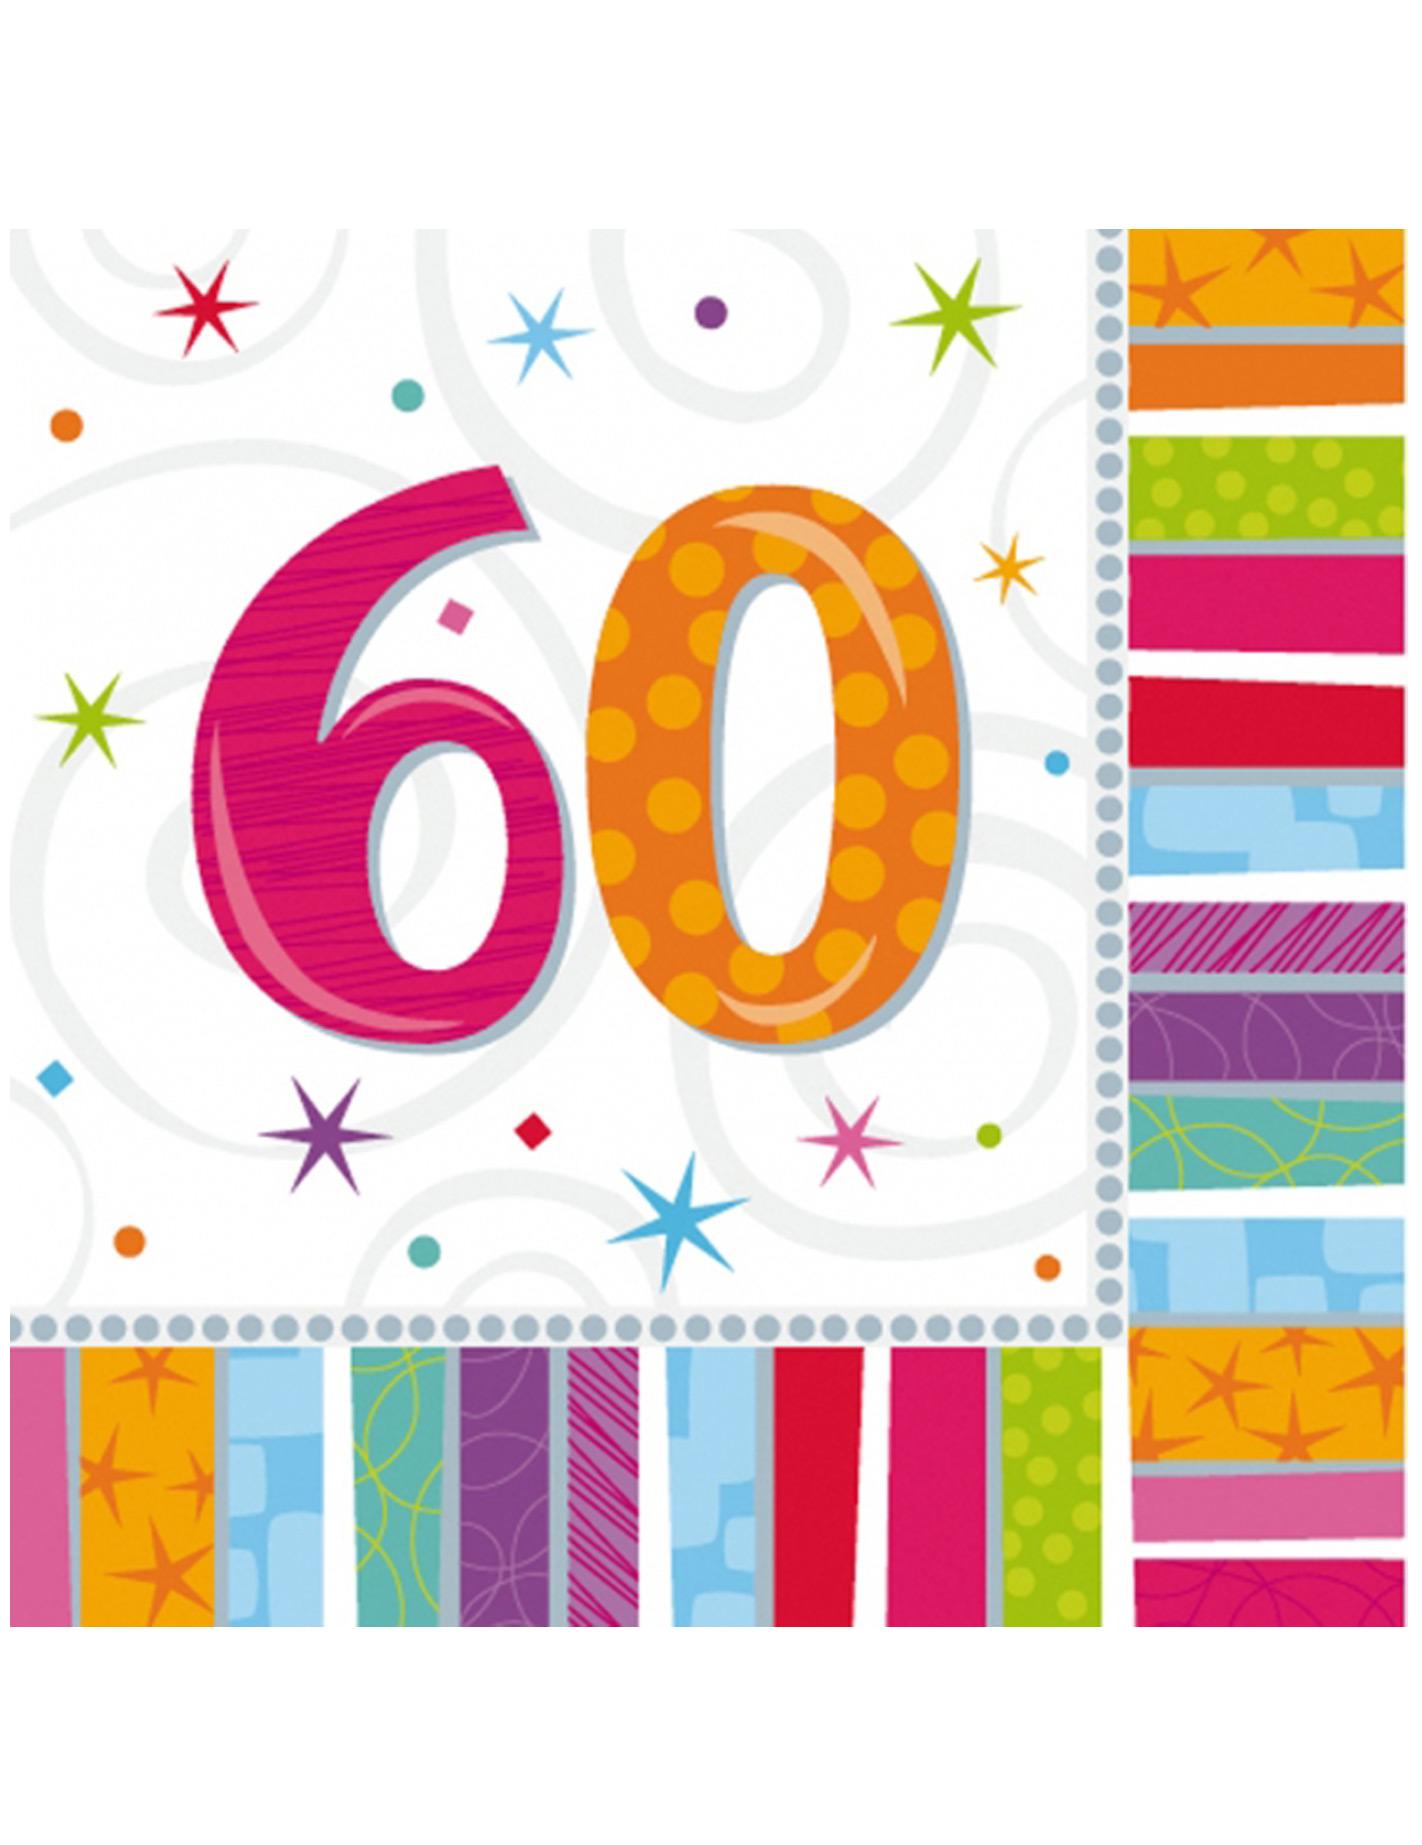 Favorito 60 anni UB48